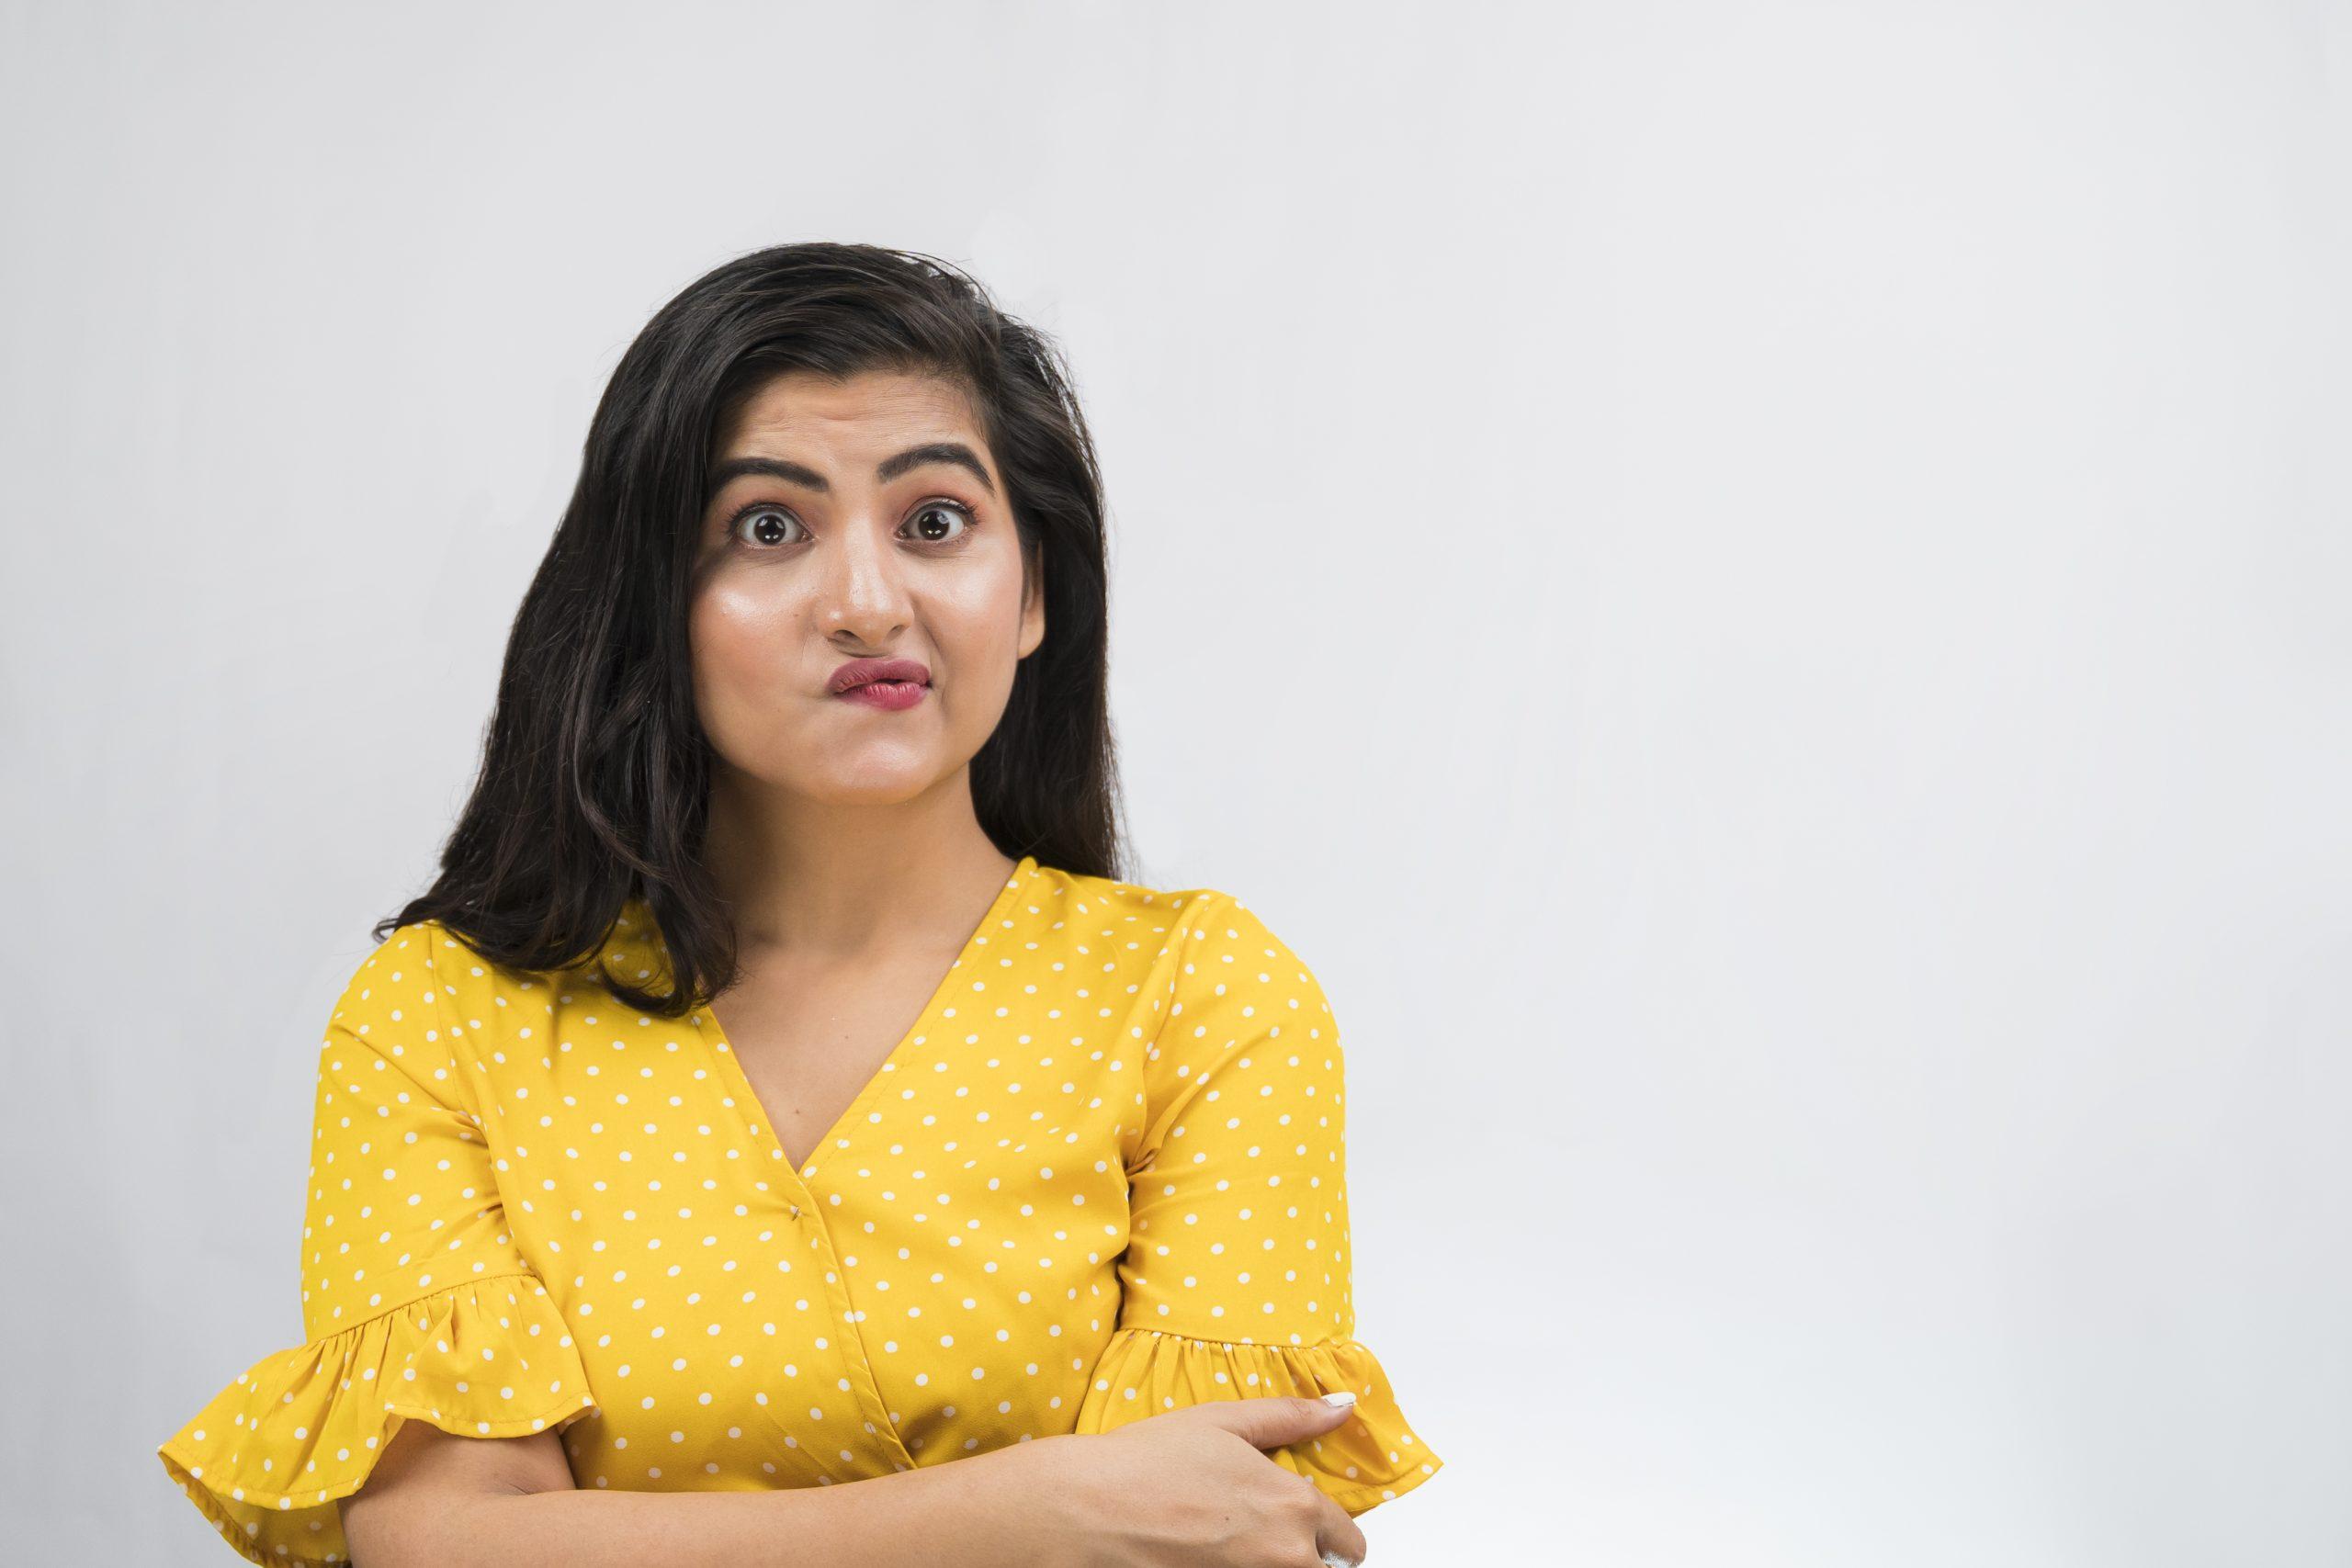 Upset indian girl